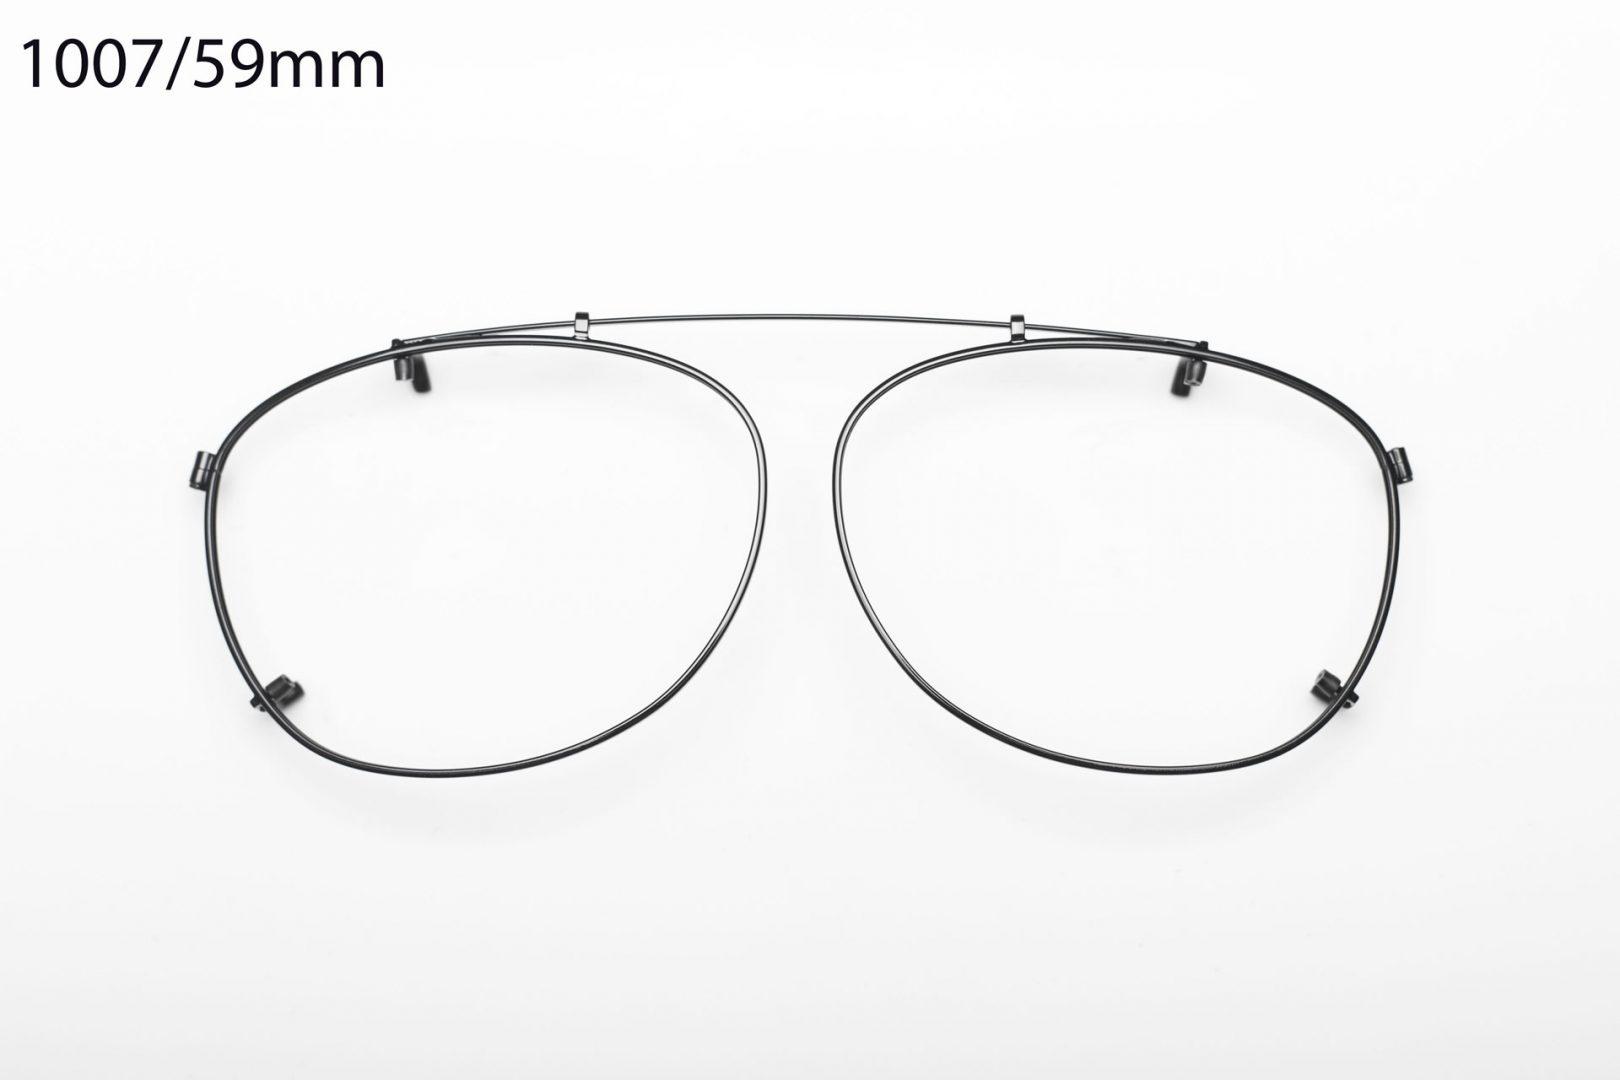 Modèle A24-100759mm